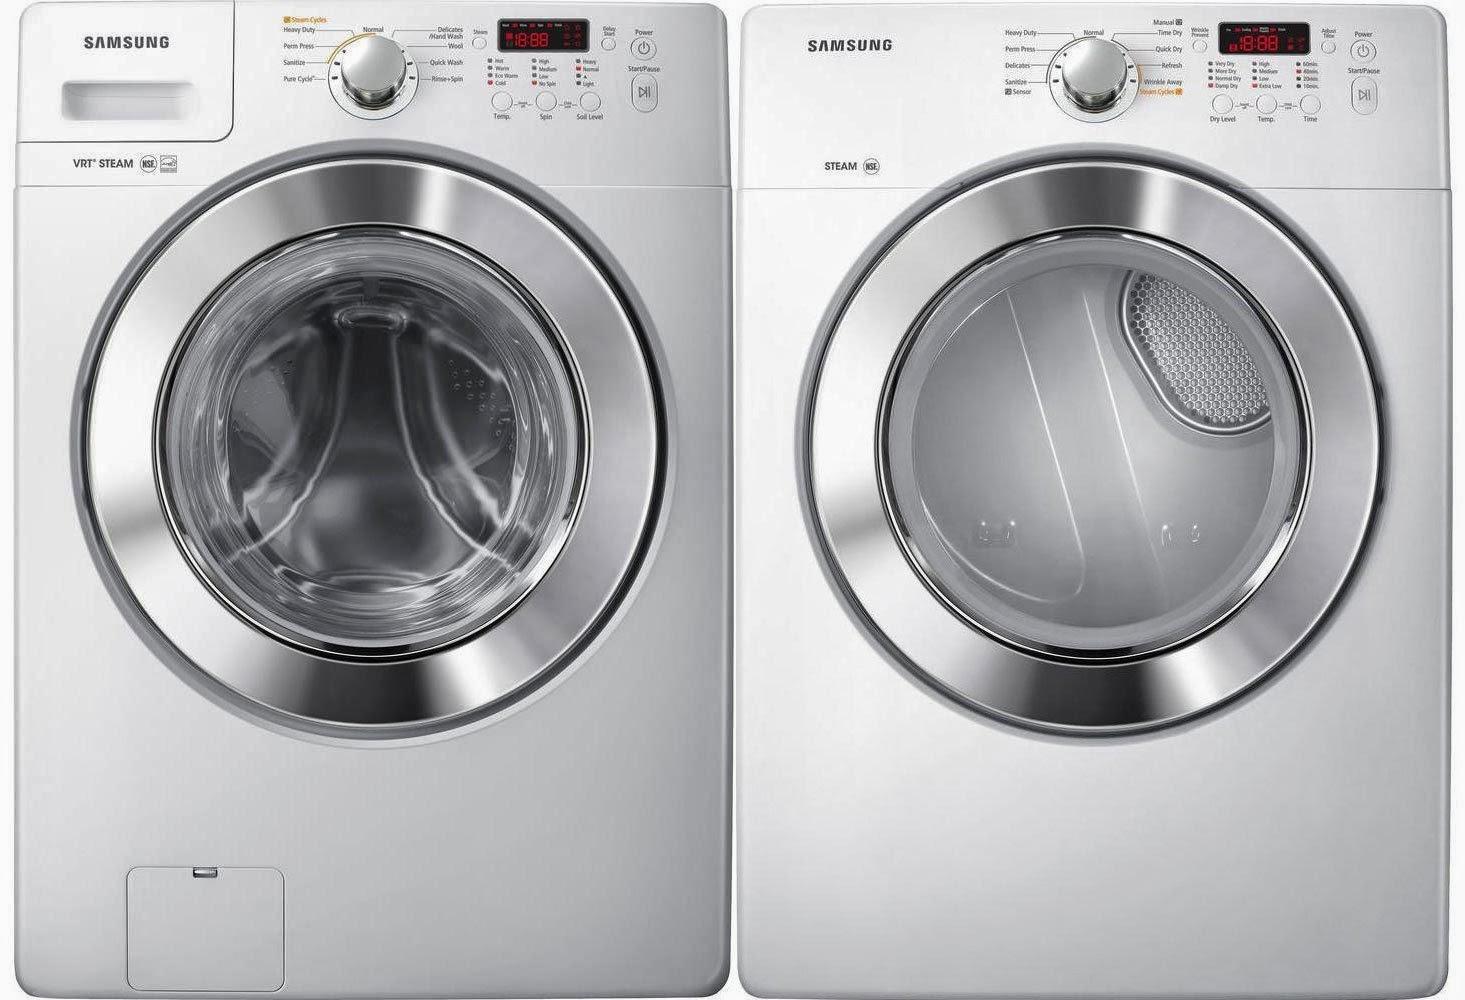 Samsung Vrt Washer Samsung Vrt Steam Washer And Dryer